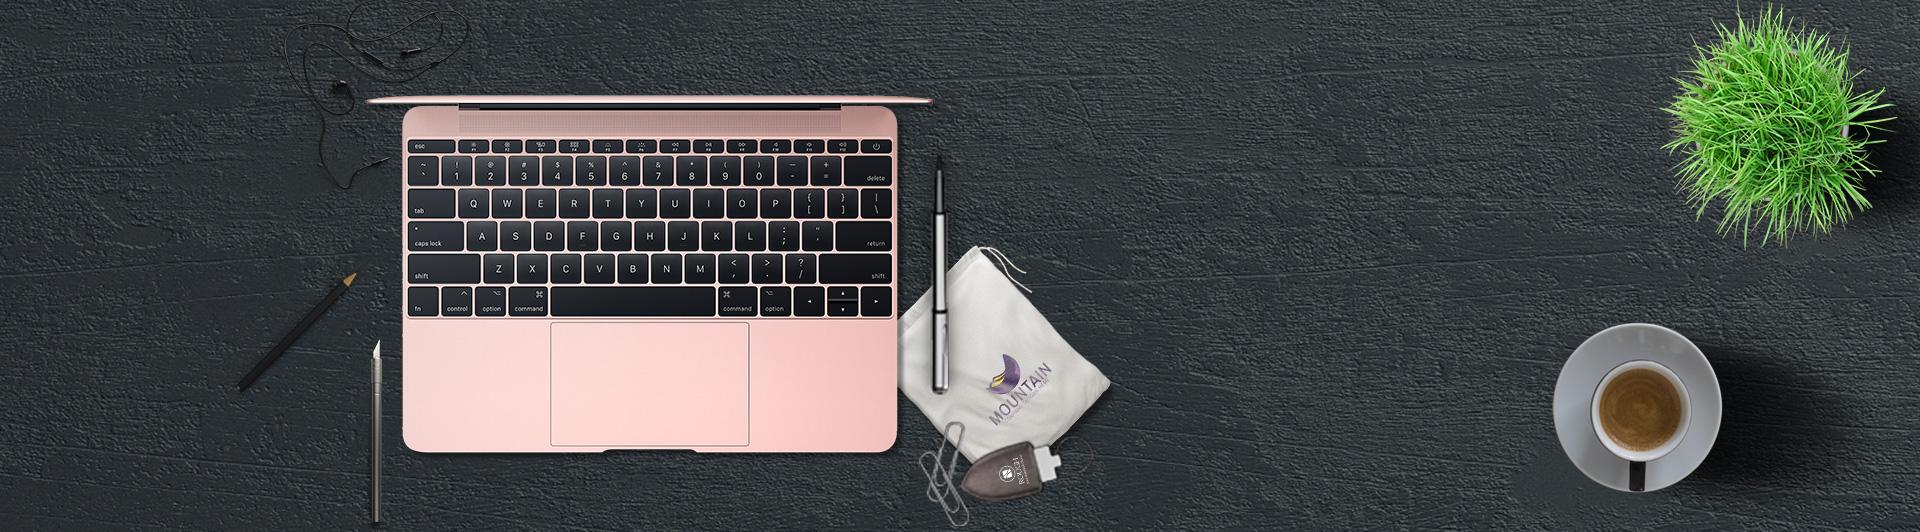 Macbook 12 inch 256GB (2017) hồng đẹp mắt